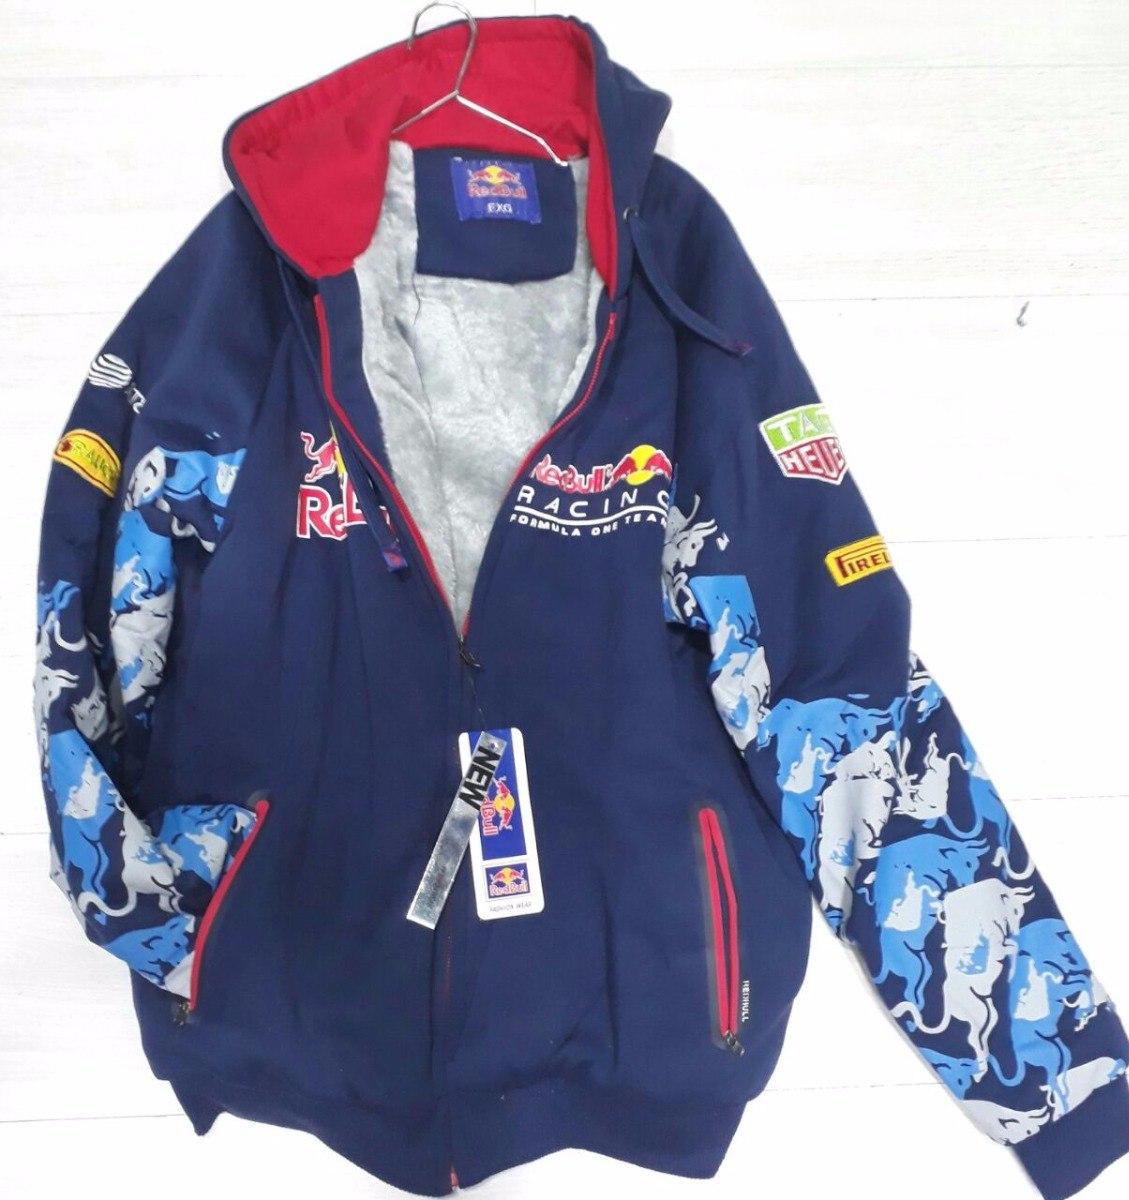 jaqueta masculina red bull racing camuflada oferta. Carregando zoom. 4678f3a796d